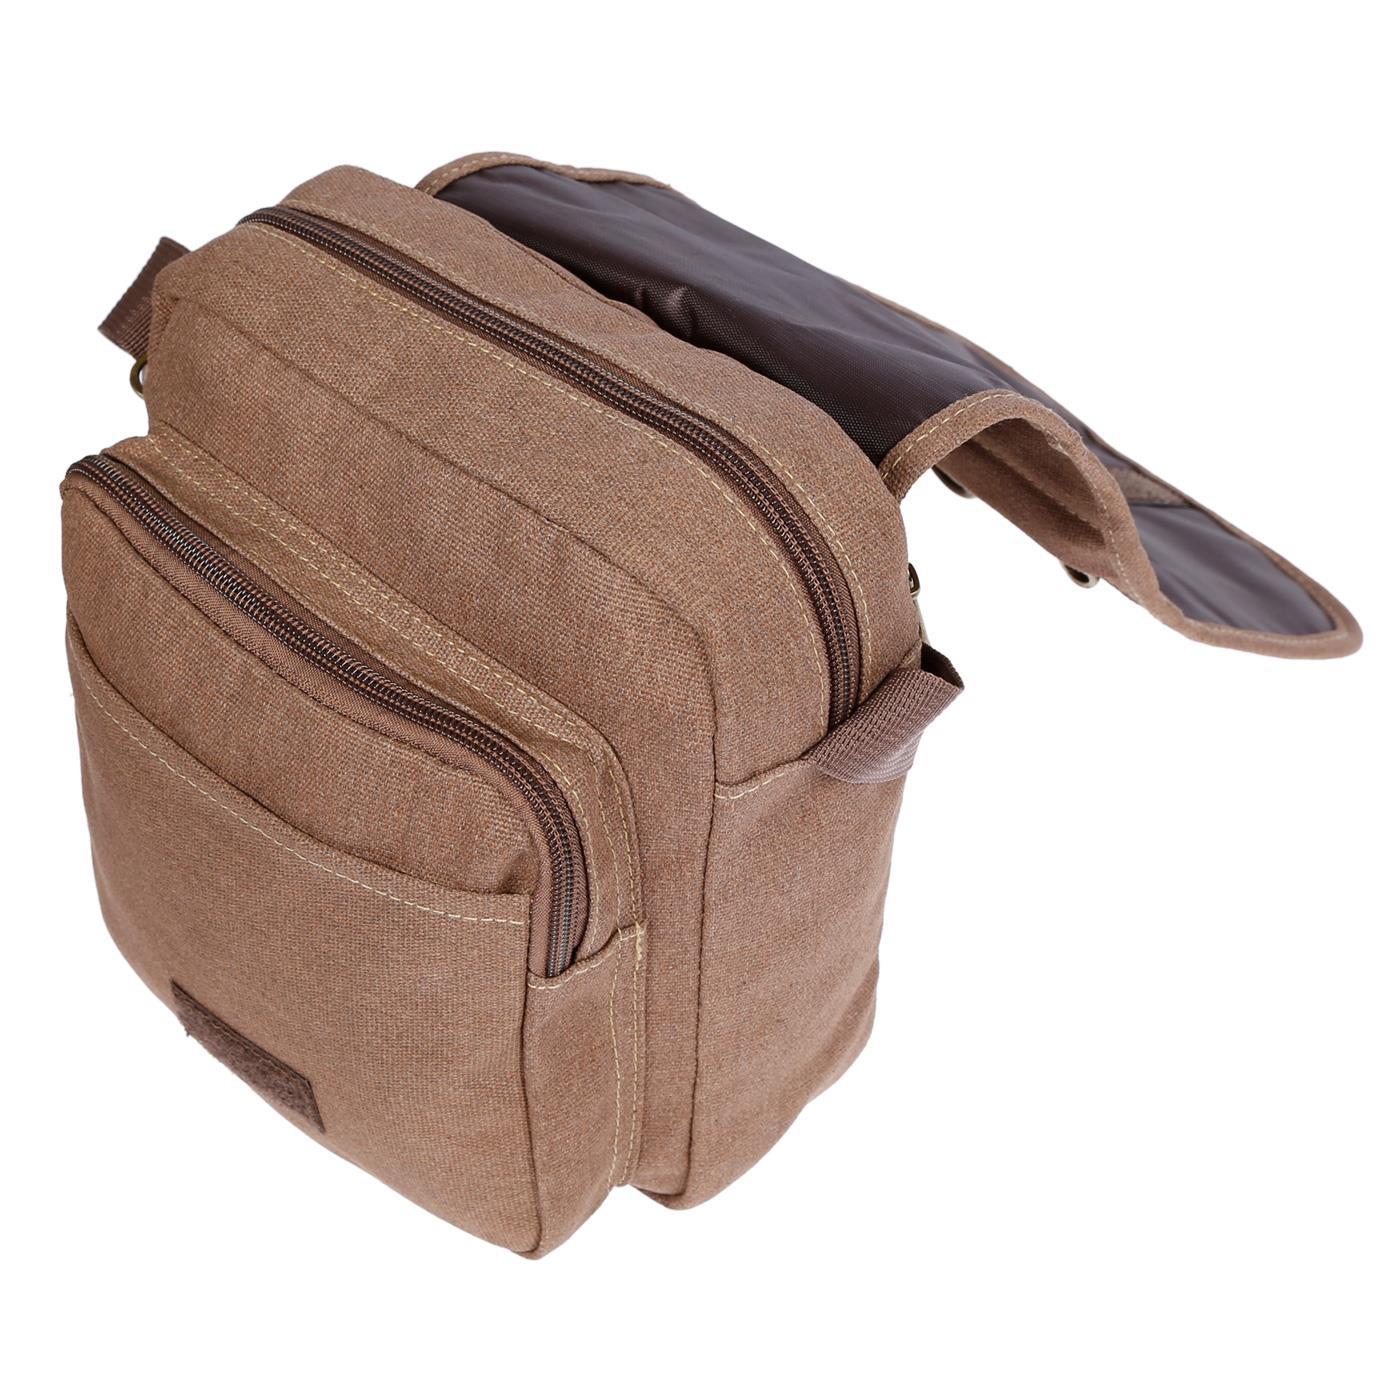 Damen-Herren-Tasche-Canvas-Umhaengetasche-Schultertasche-Crossover-Bag-Handtasche Indexbild 25